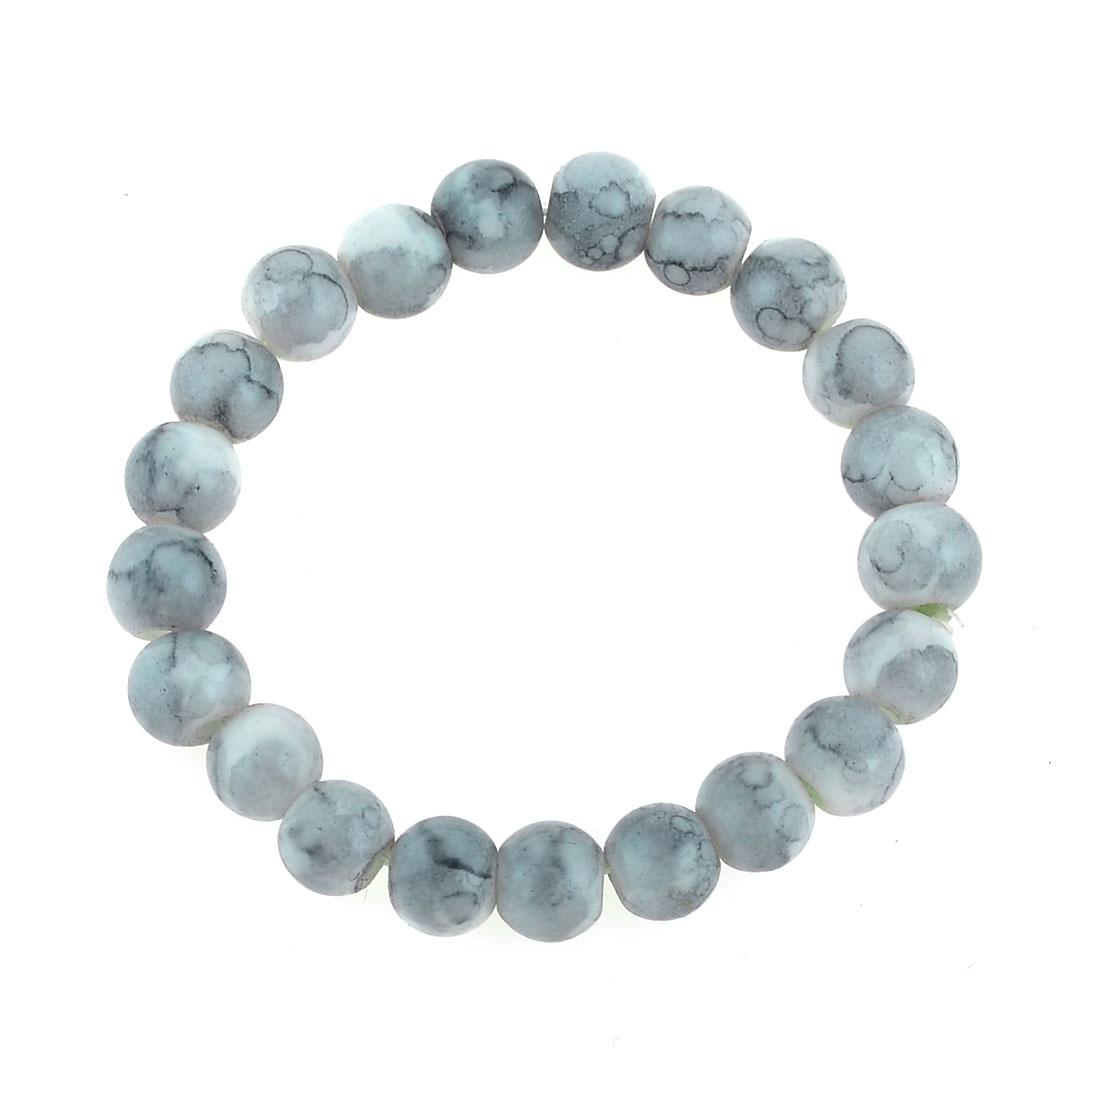 7mm Dia Gray Plastic Beaded Stretch String Wrist Bracelet for Women